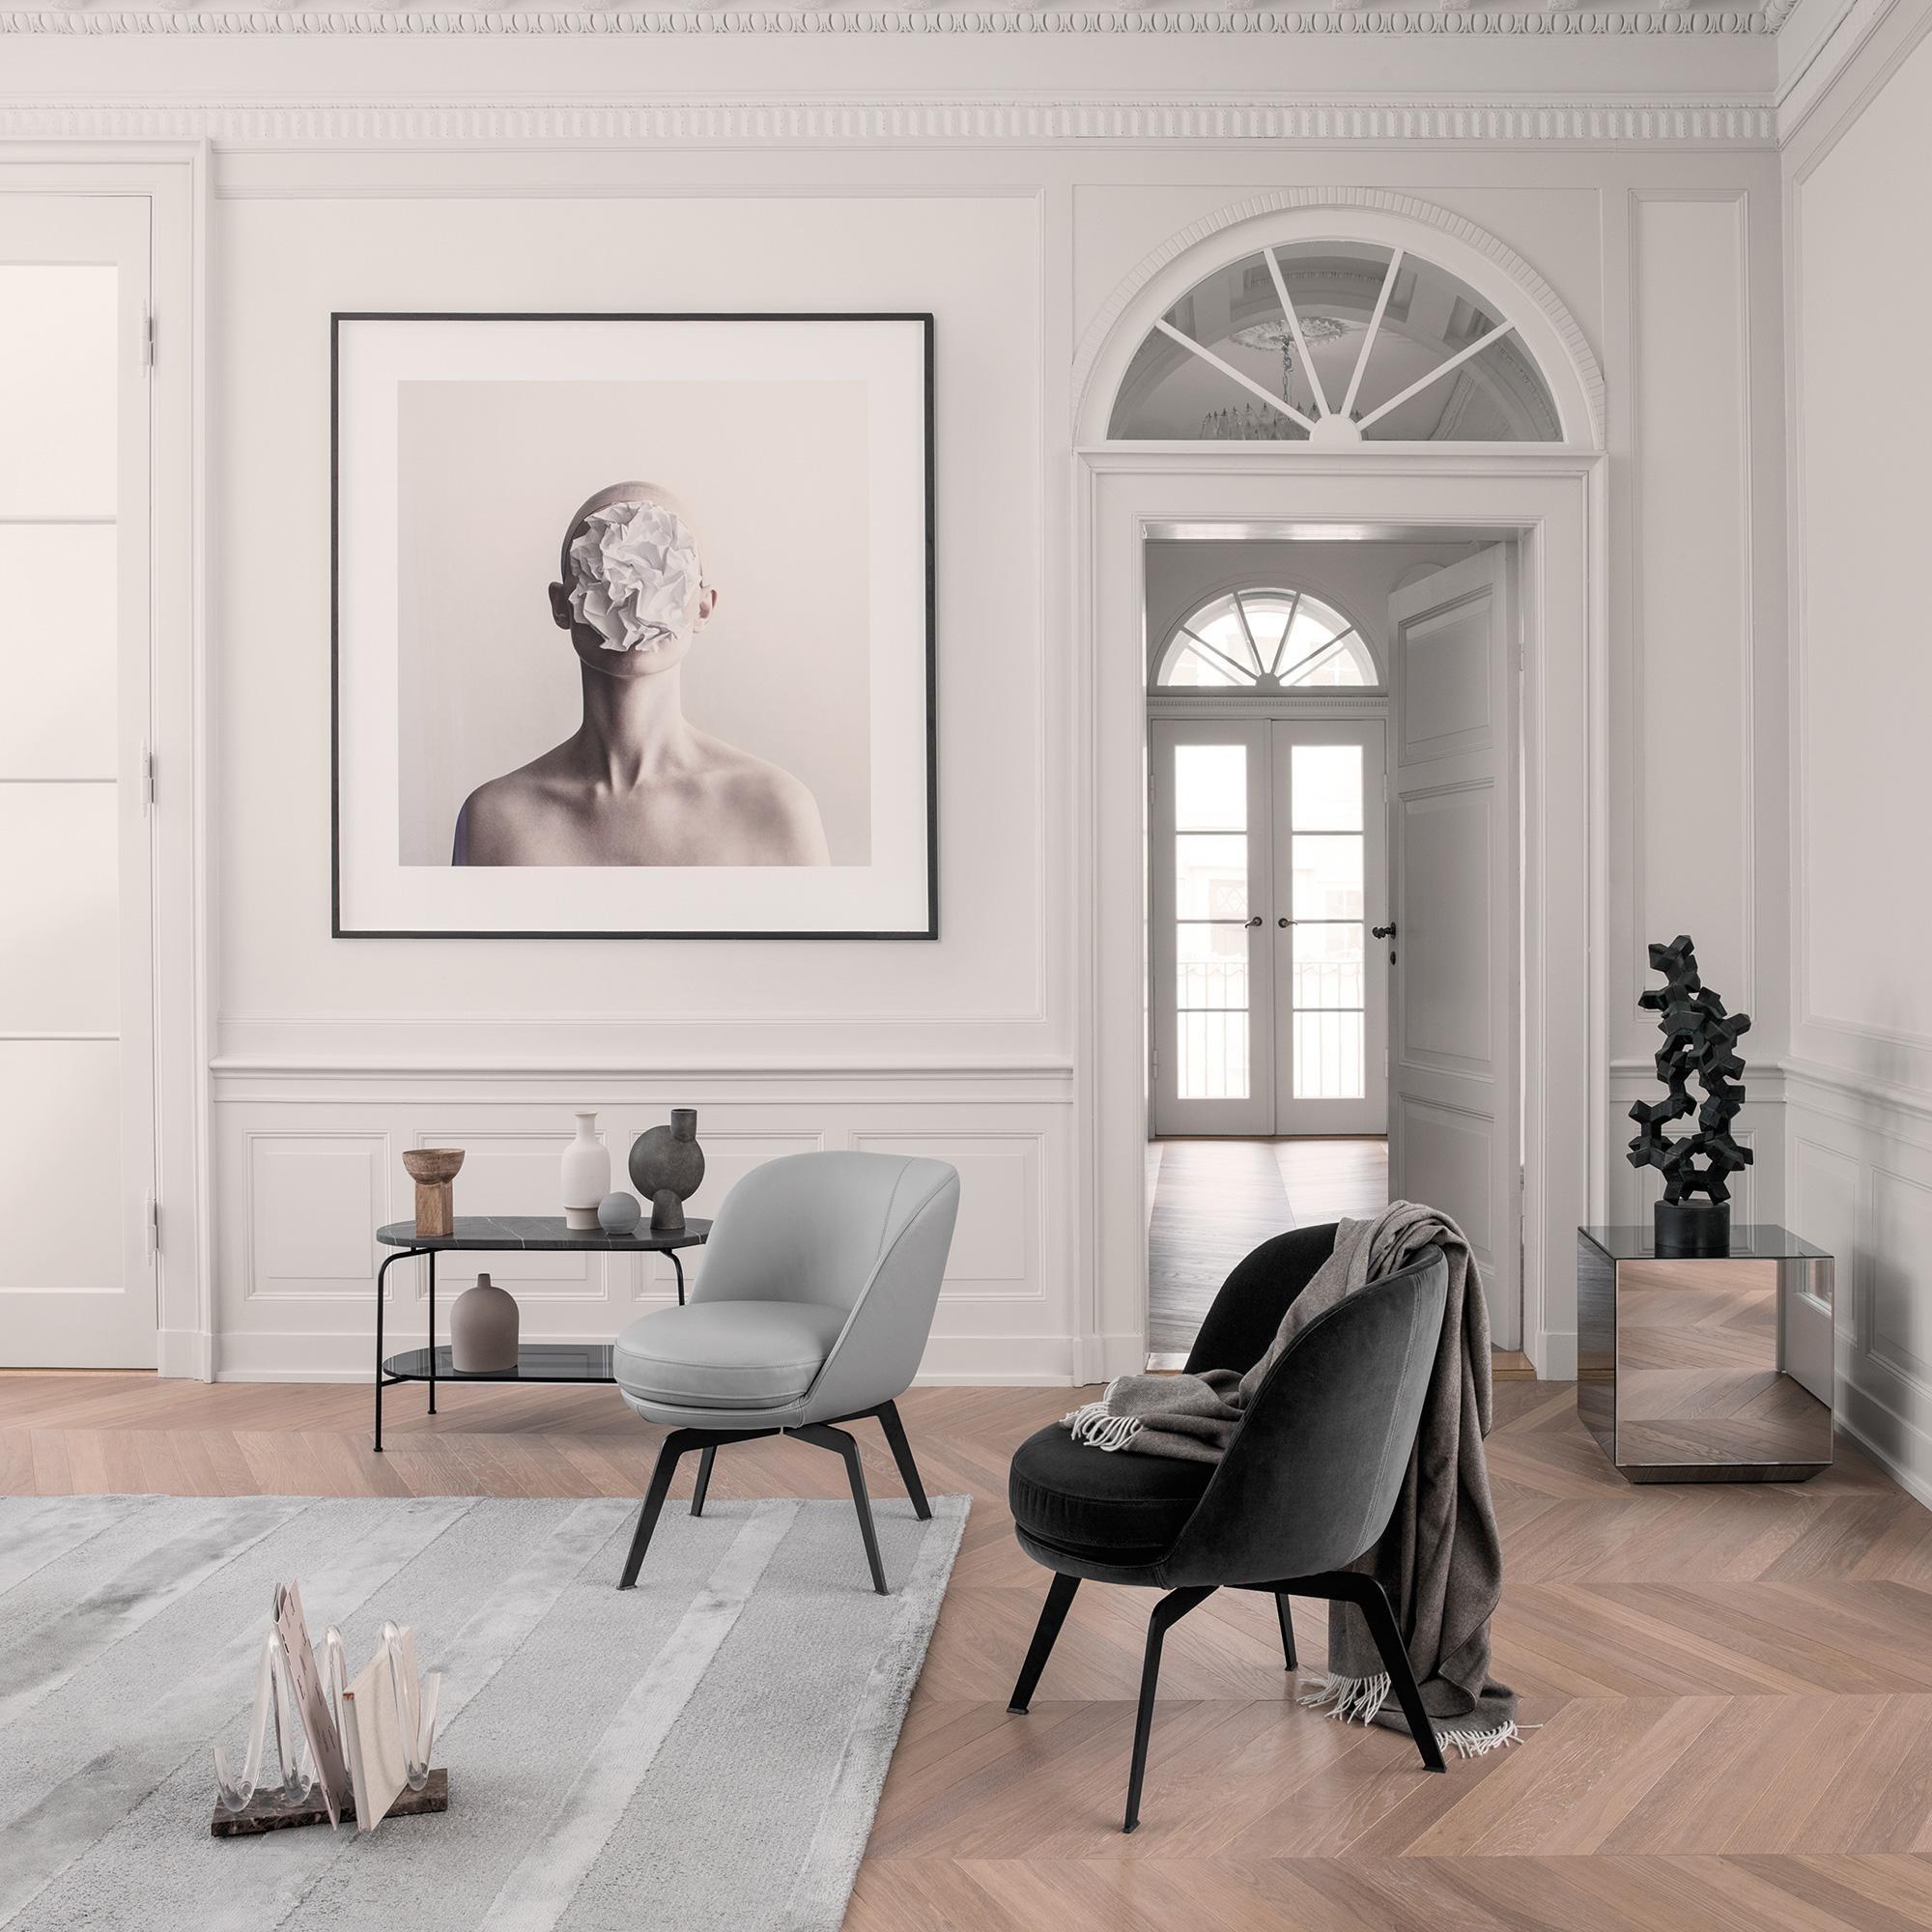 rolf benz 562 sessel ambientedirect. Black Bedroom Furniture Sets. Home Design Ideas